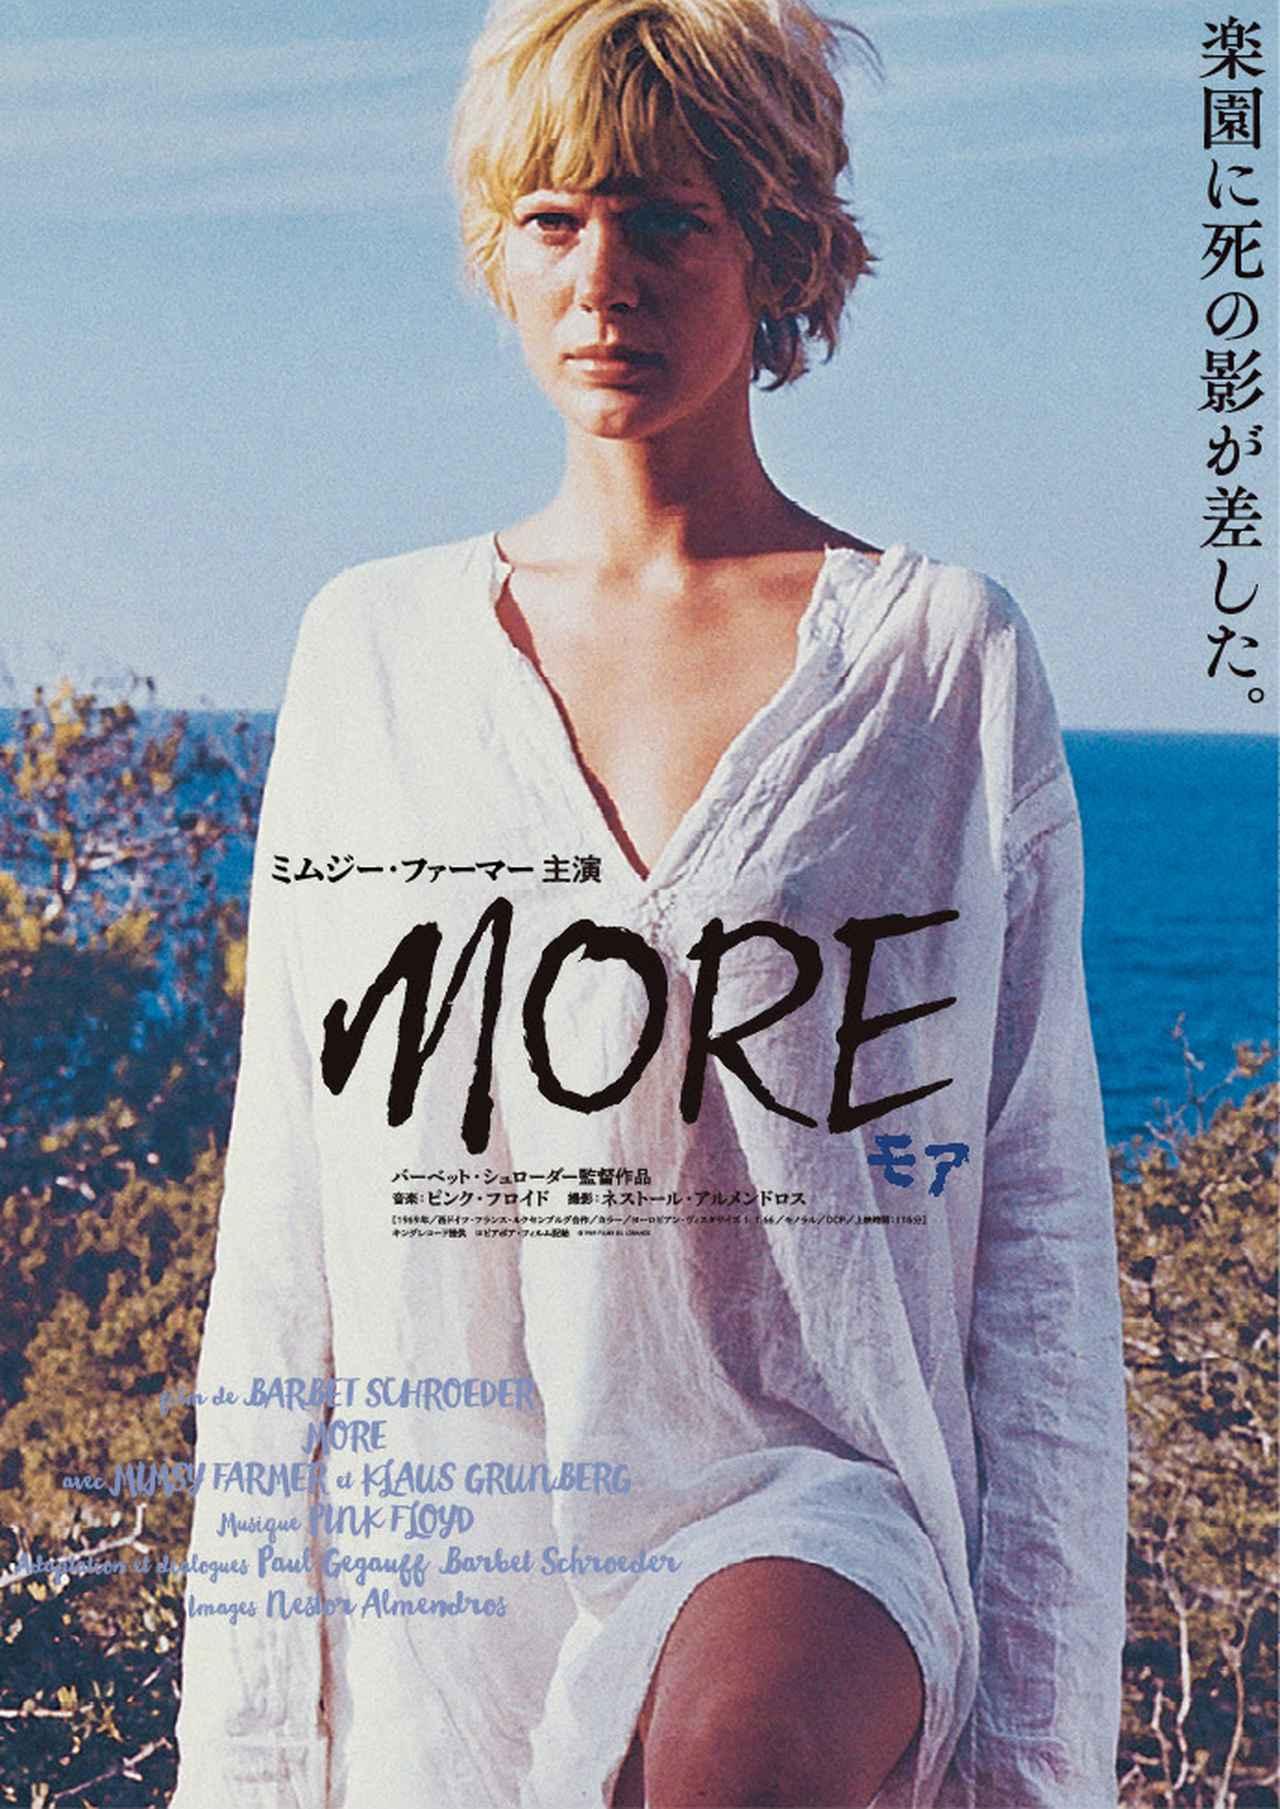 画像1: 伝説の米国人女優ミムジー・ファーマー主演2作が日本公開50年を記念し再公開!